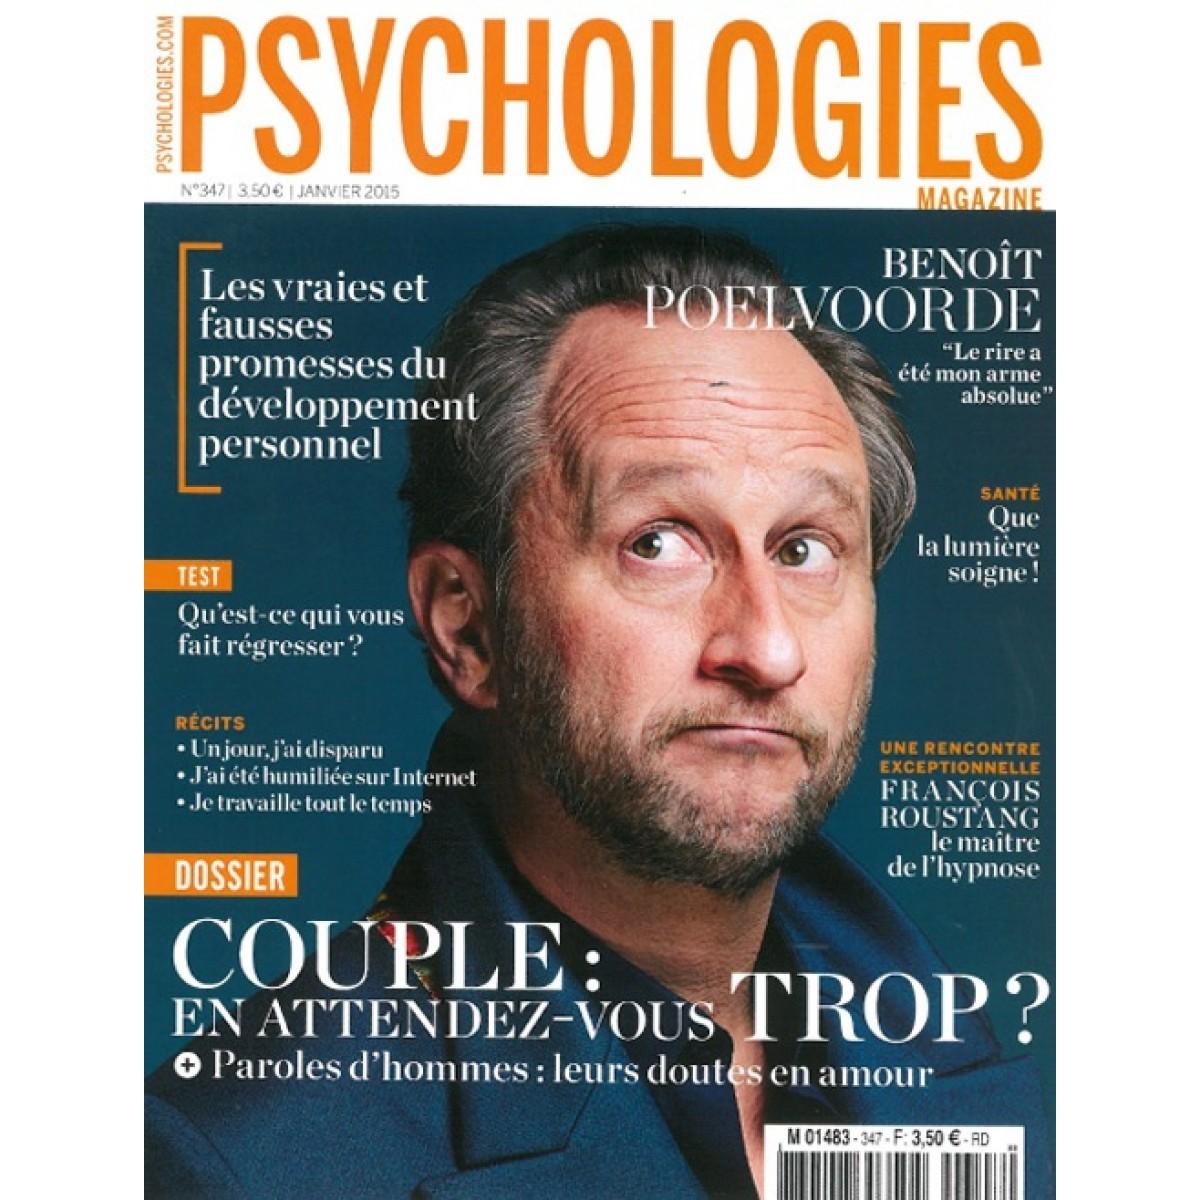 Abonnement psychologies magazine boutique mag24 for Abonnement psychologie magazine